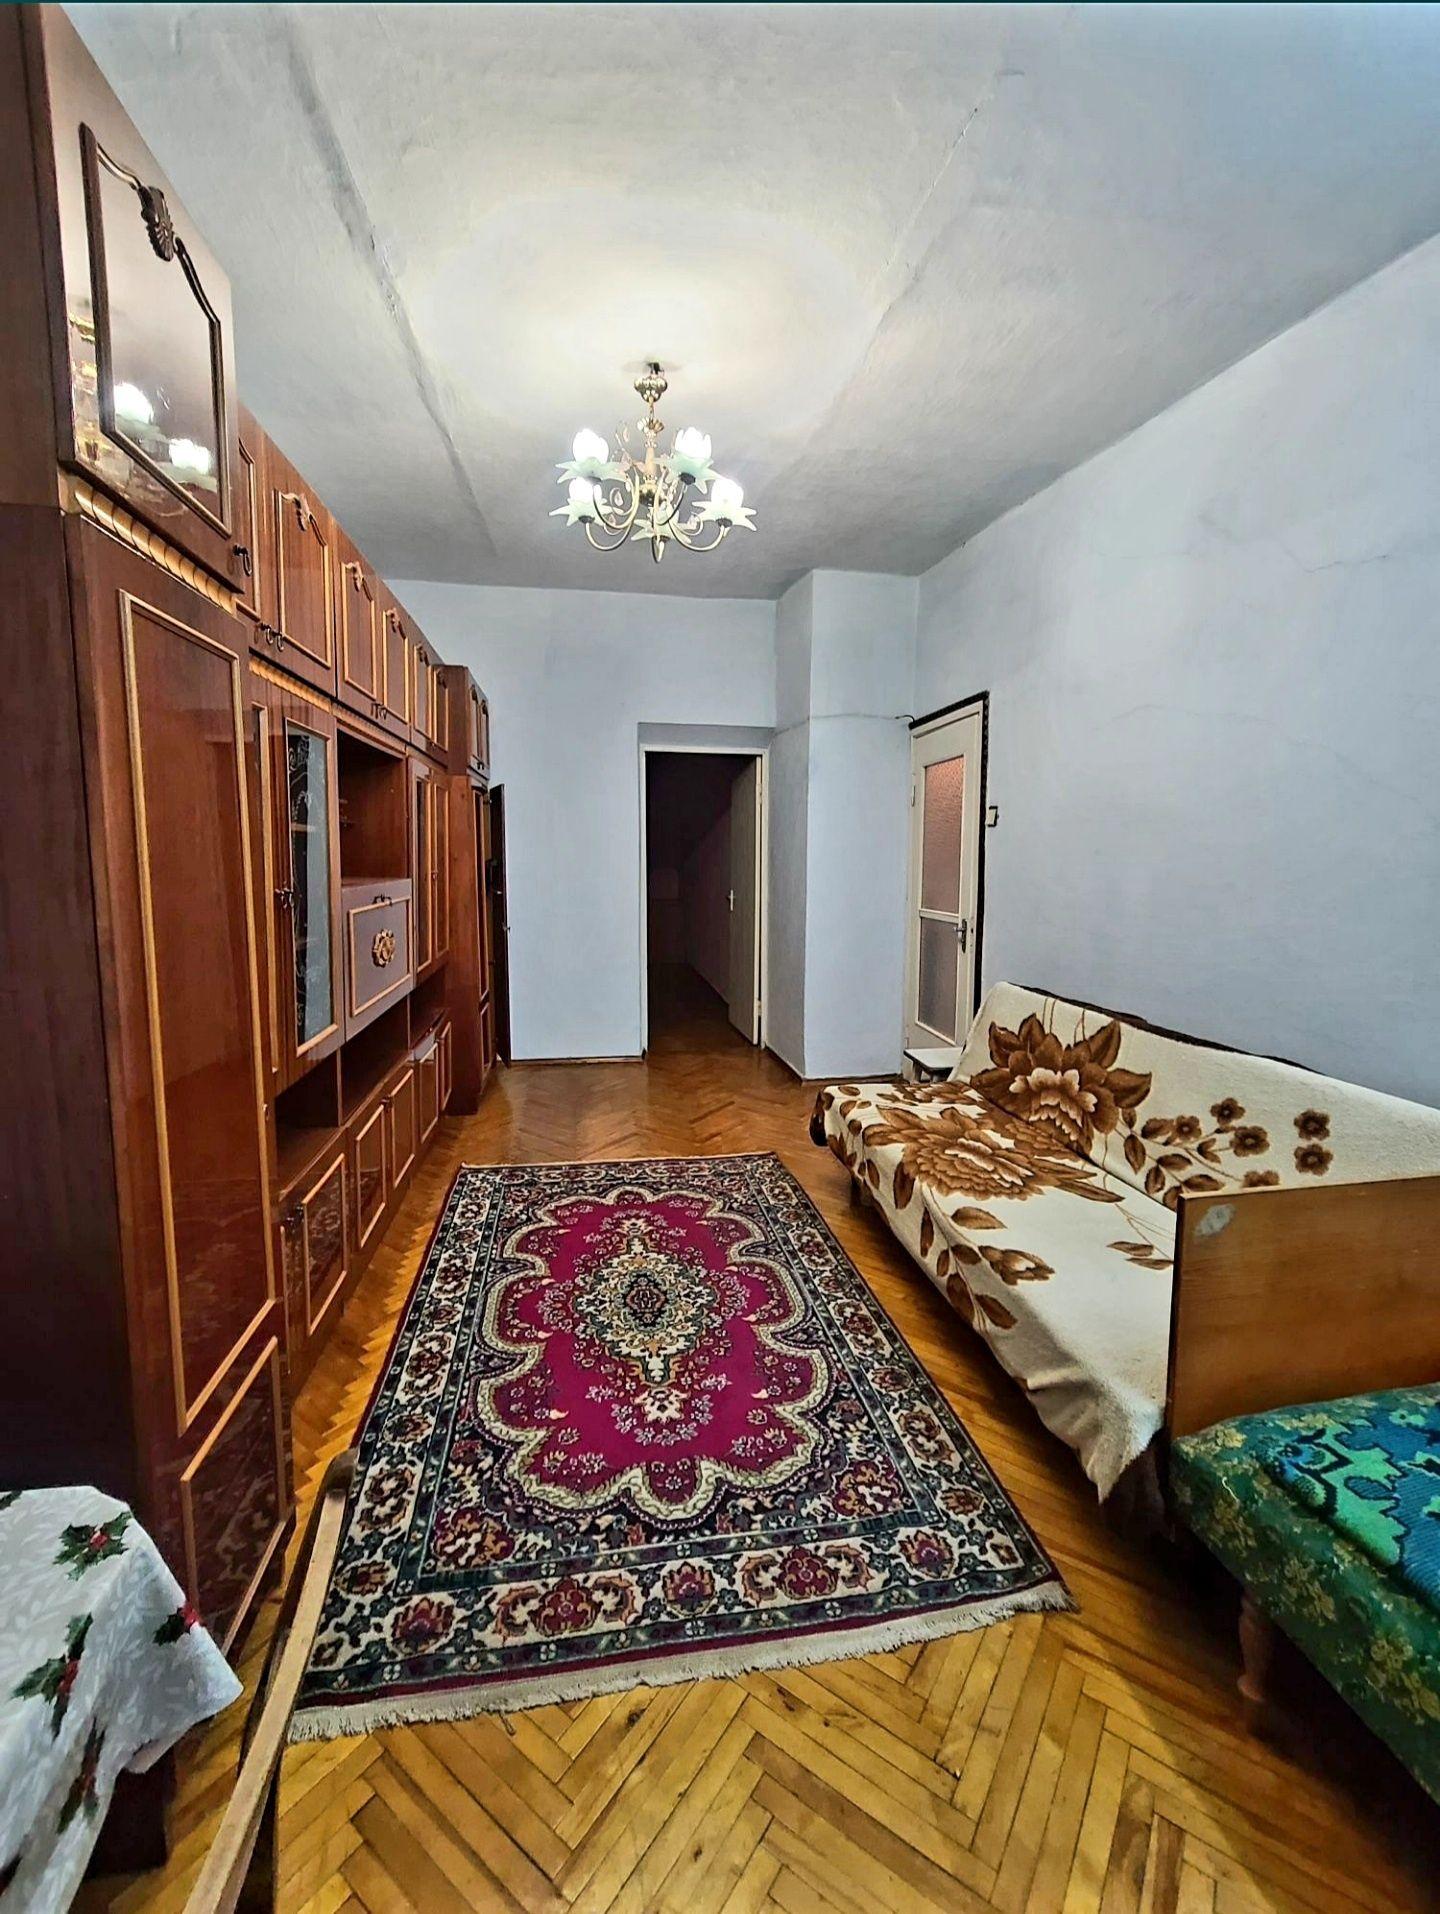 Продається 2х-кімнатна квартира у парковій зоні